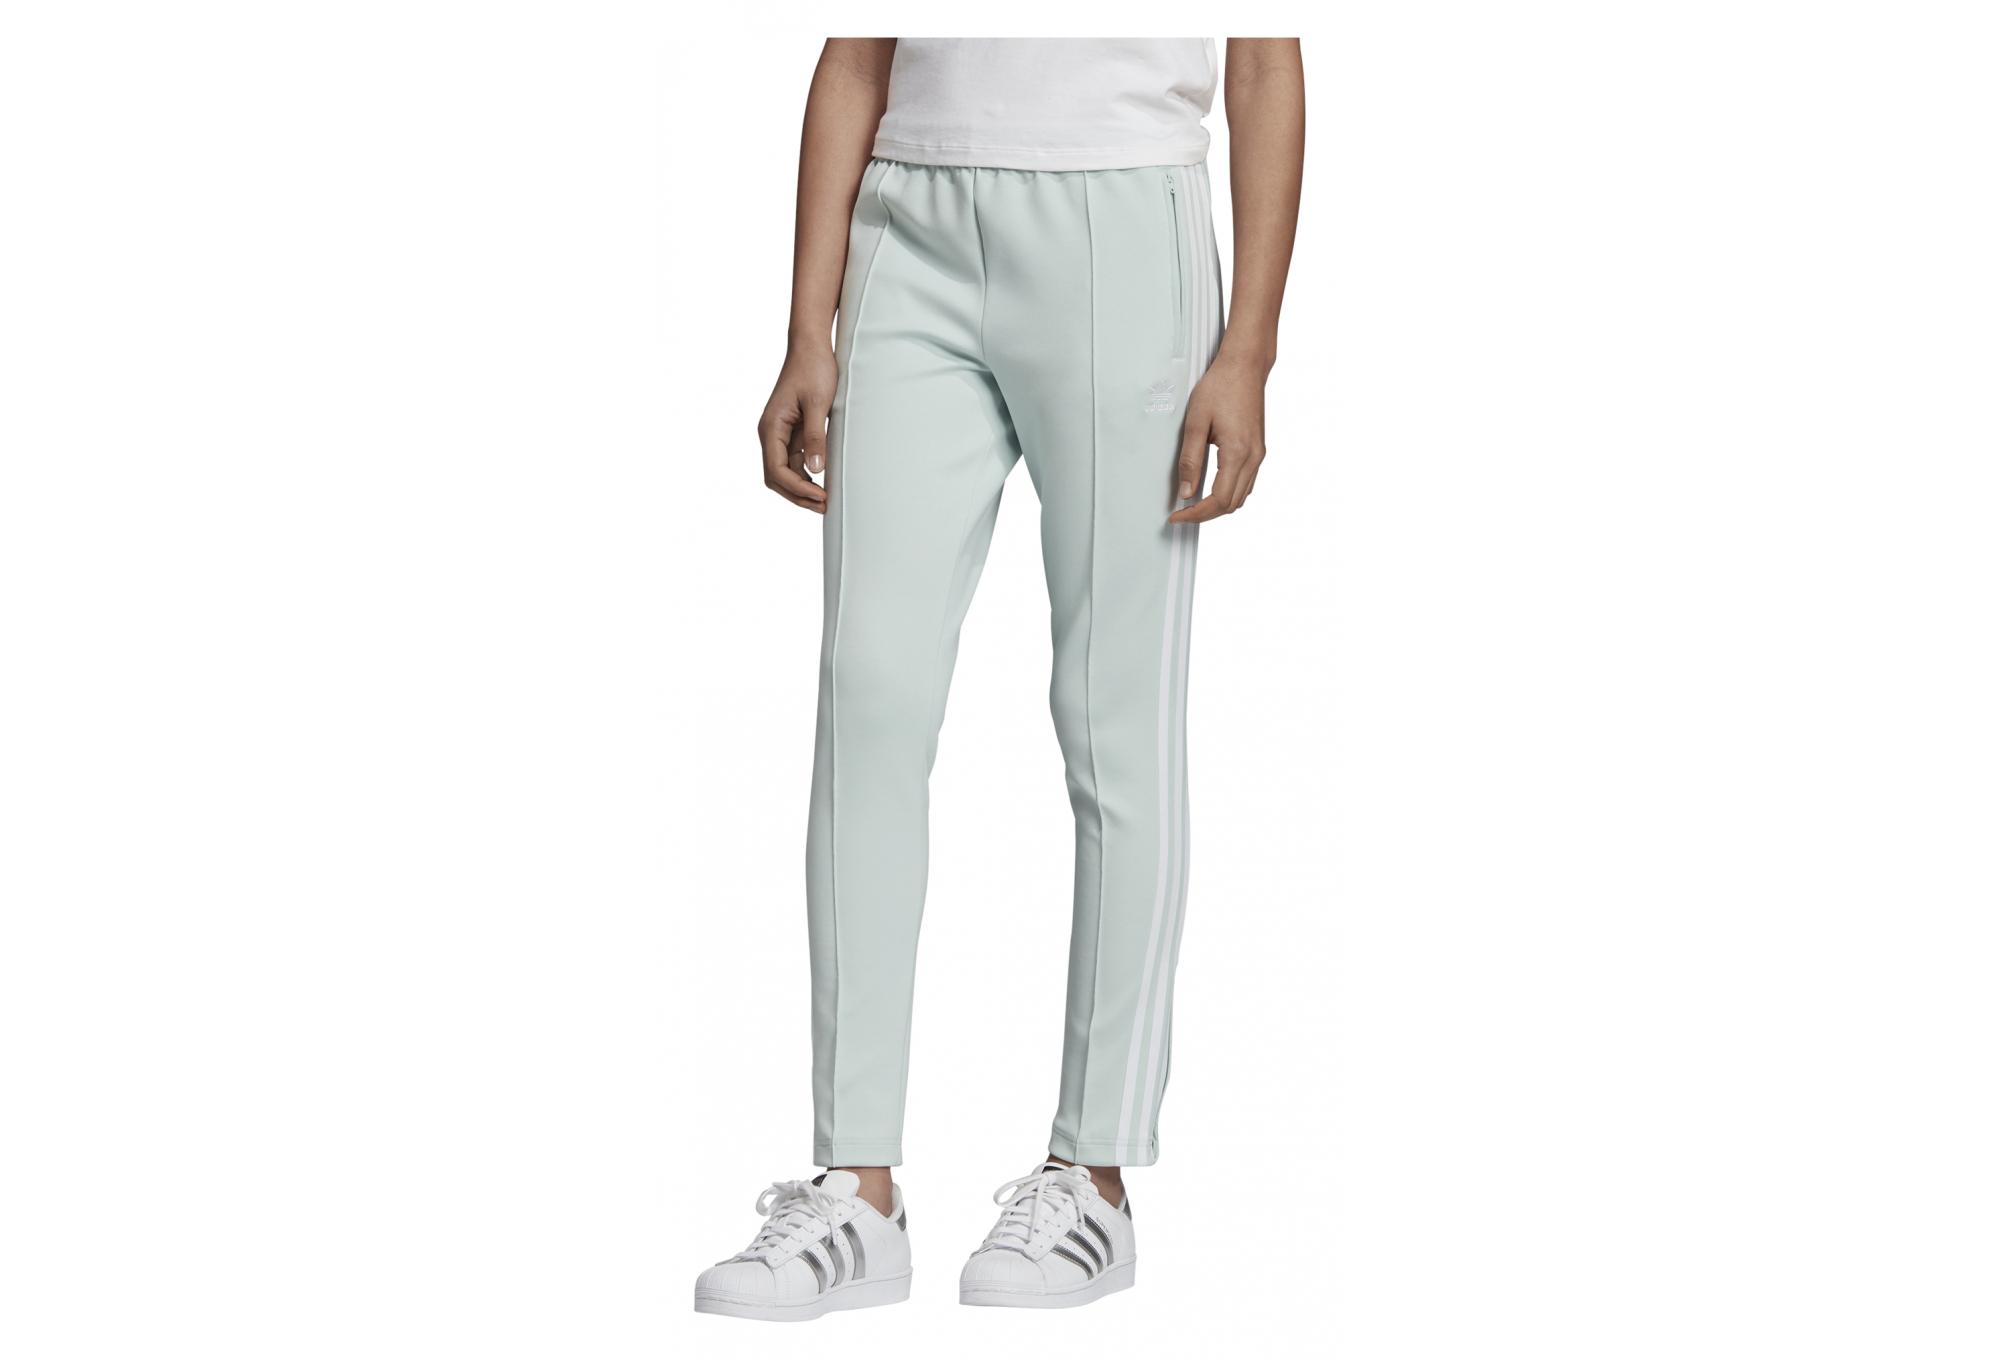 pantalon sst adidas femme